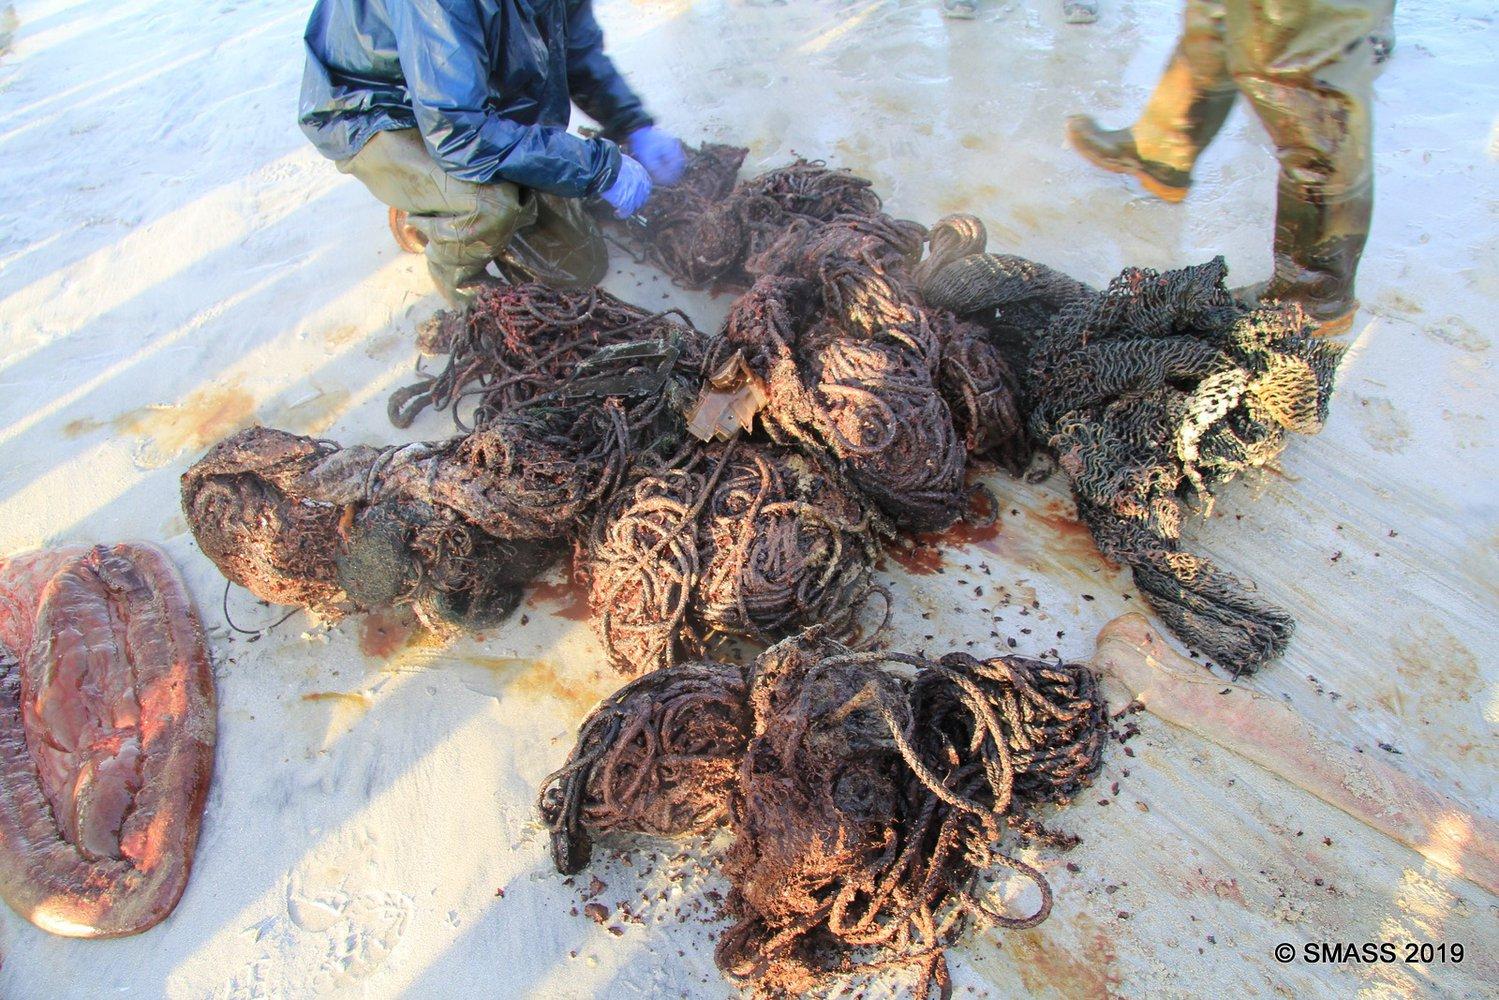 05_kashalot2 Жахливі наслідки забруднення океану: у шлунку кашалота знайшли 100 кг сміття (ФОТО 18+)